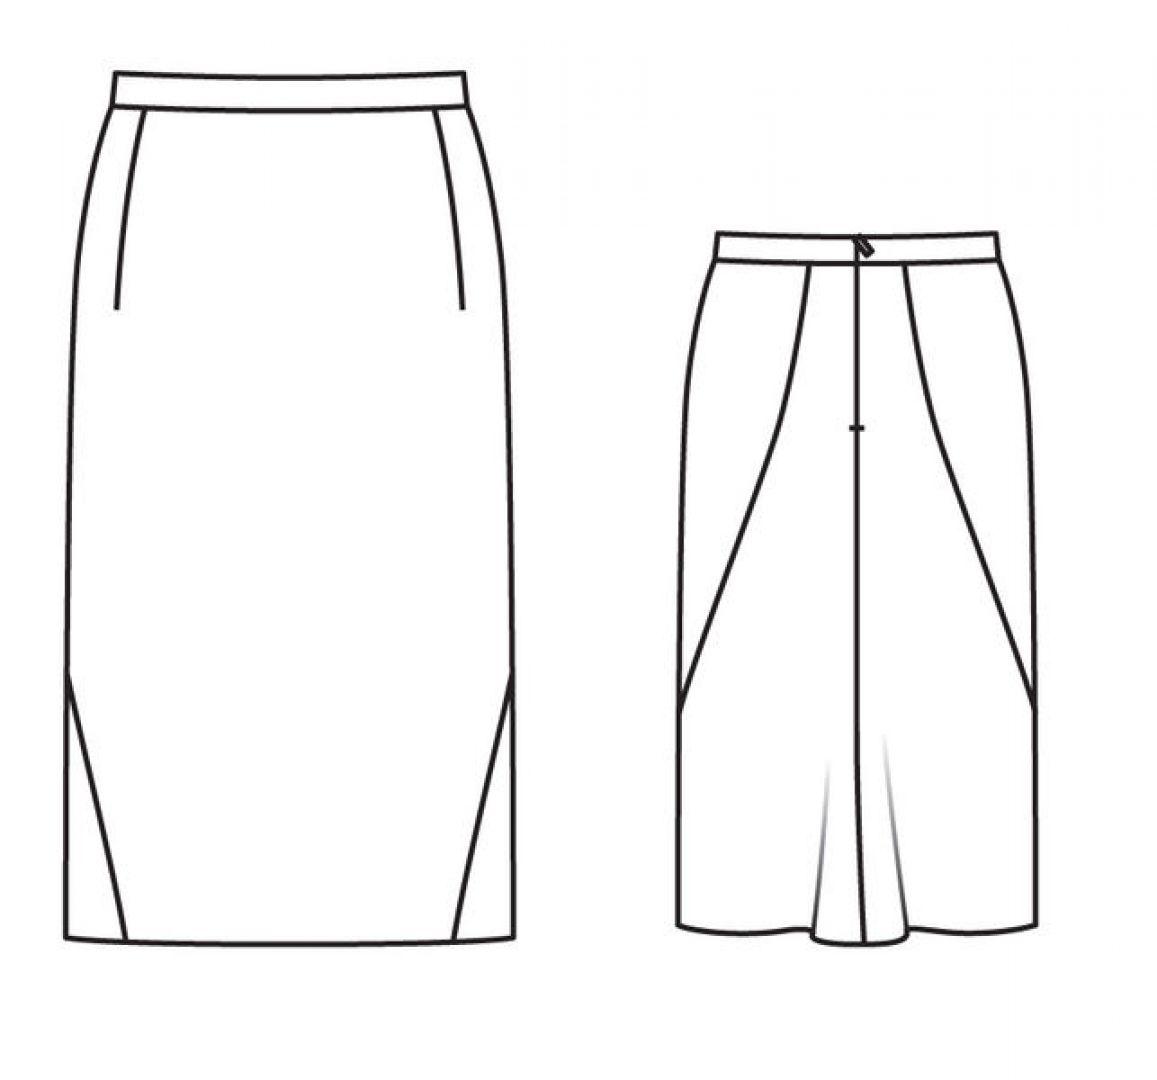 Заманчивый хвостик) нормальной юбки...))